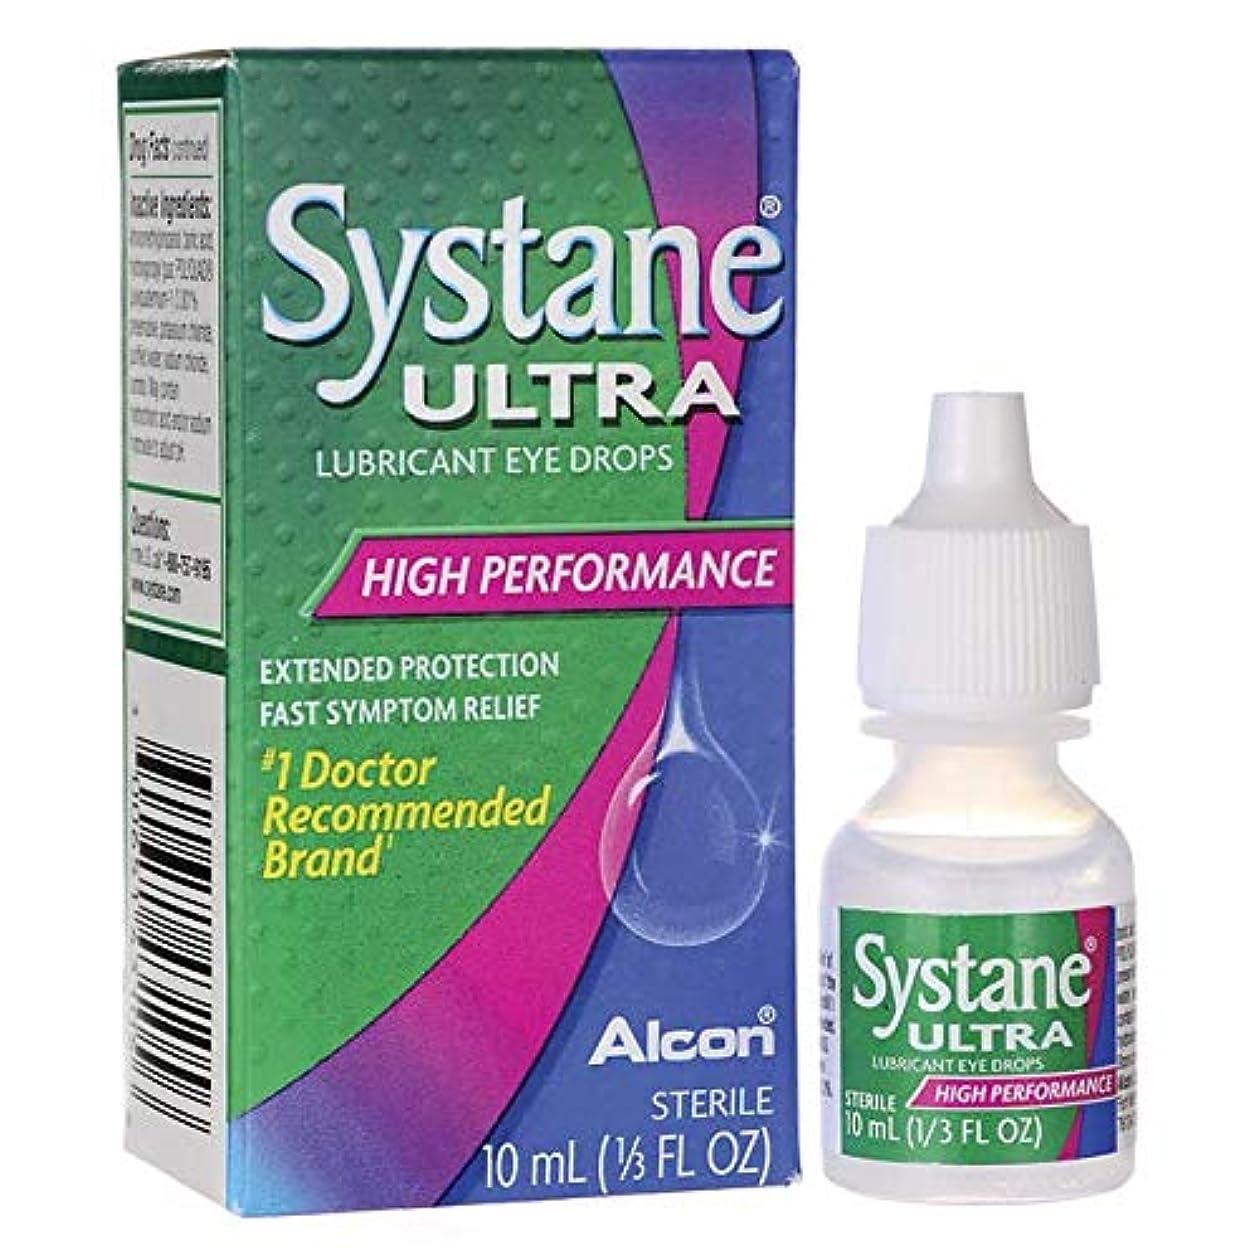 死原稿クロス海外直送品Systane Systane Ultra Lubricant Eye Drops, 10 ml